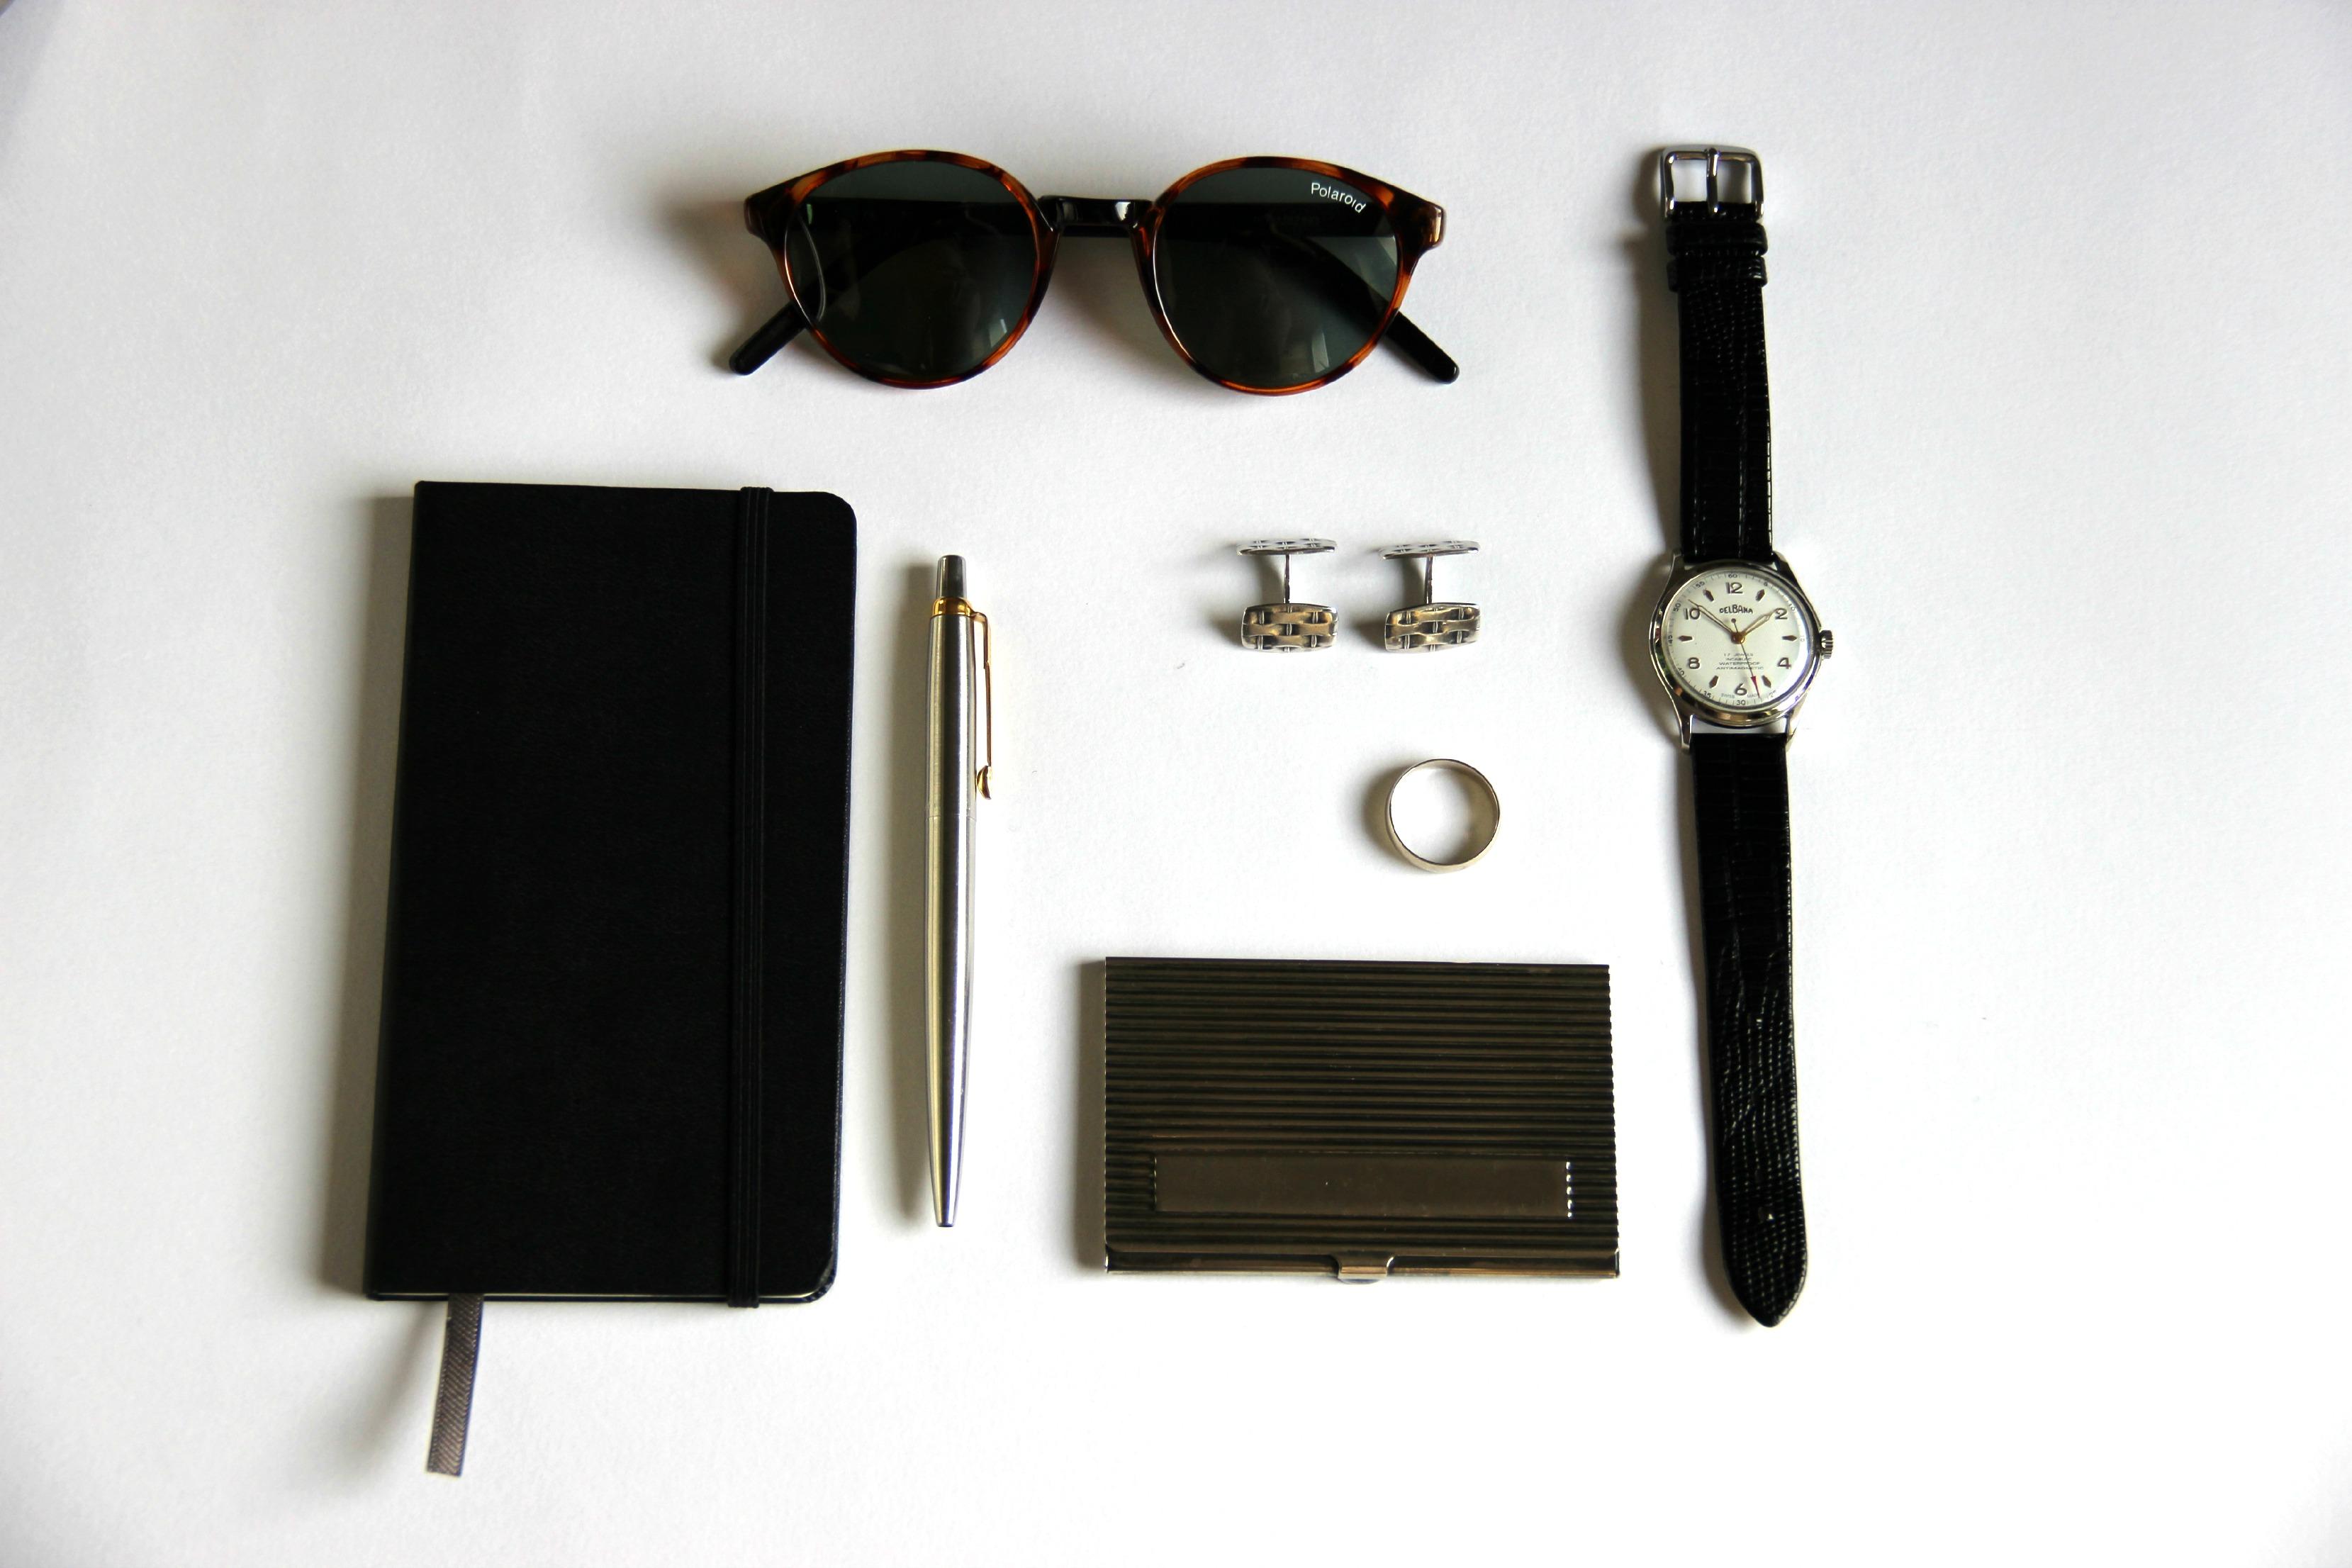 akcesoria biżuteria dodatki elegancja lifestyle moda moda męska okulary oprawki spinki do mankietów styl zegarek essentials